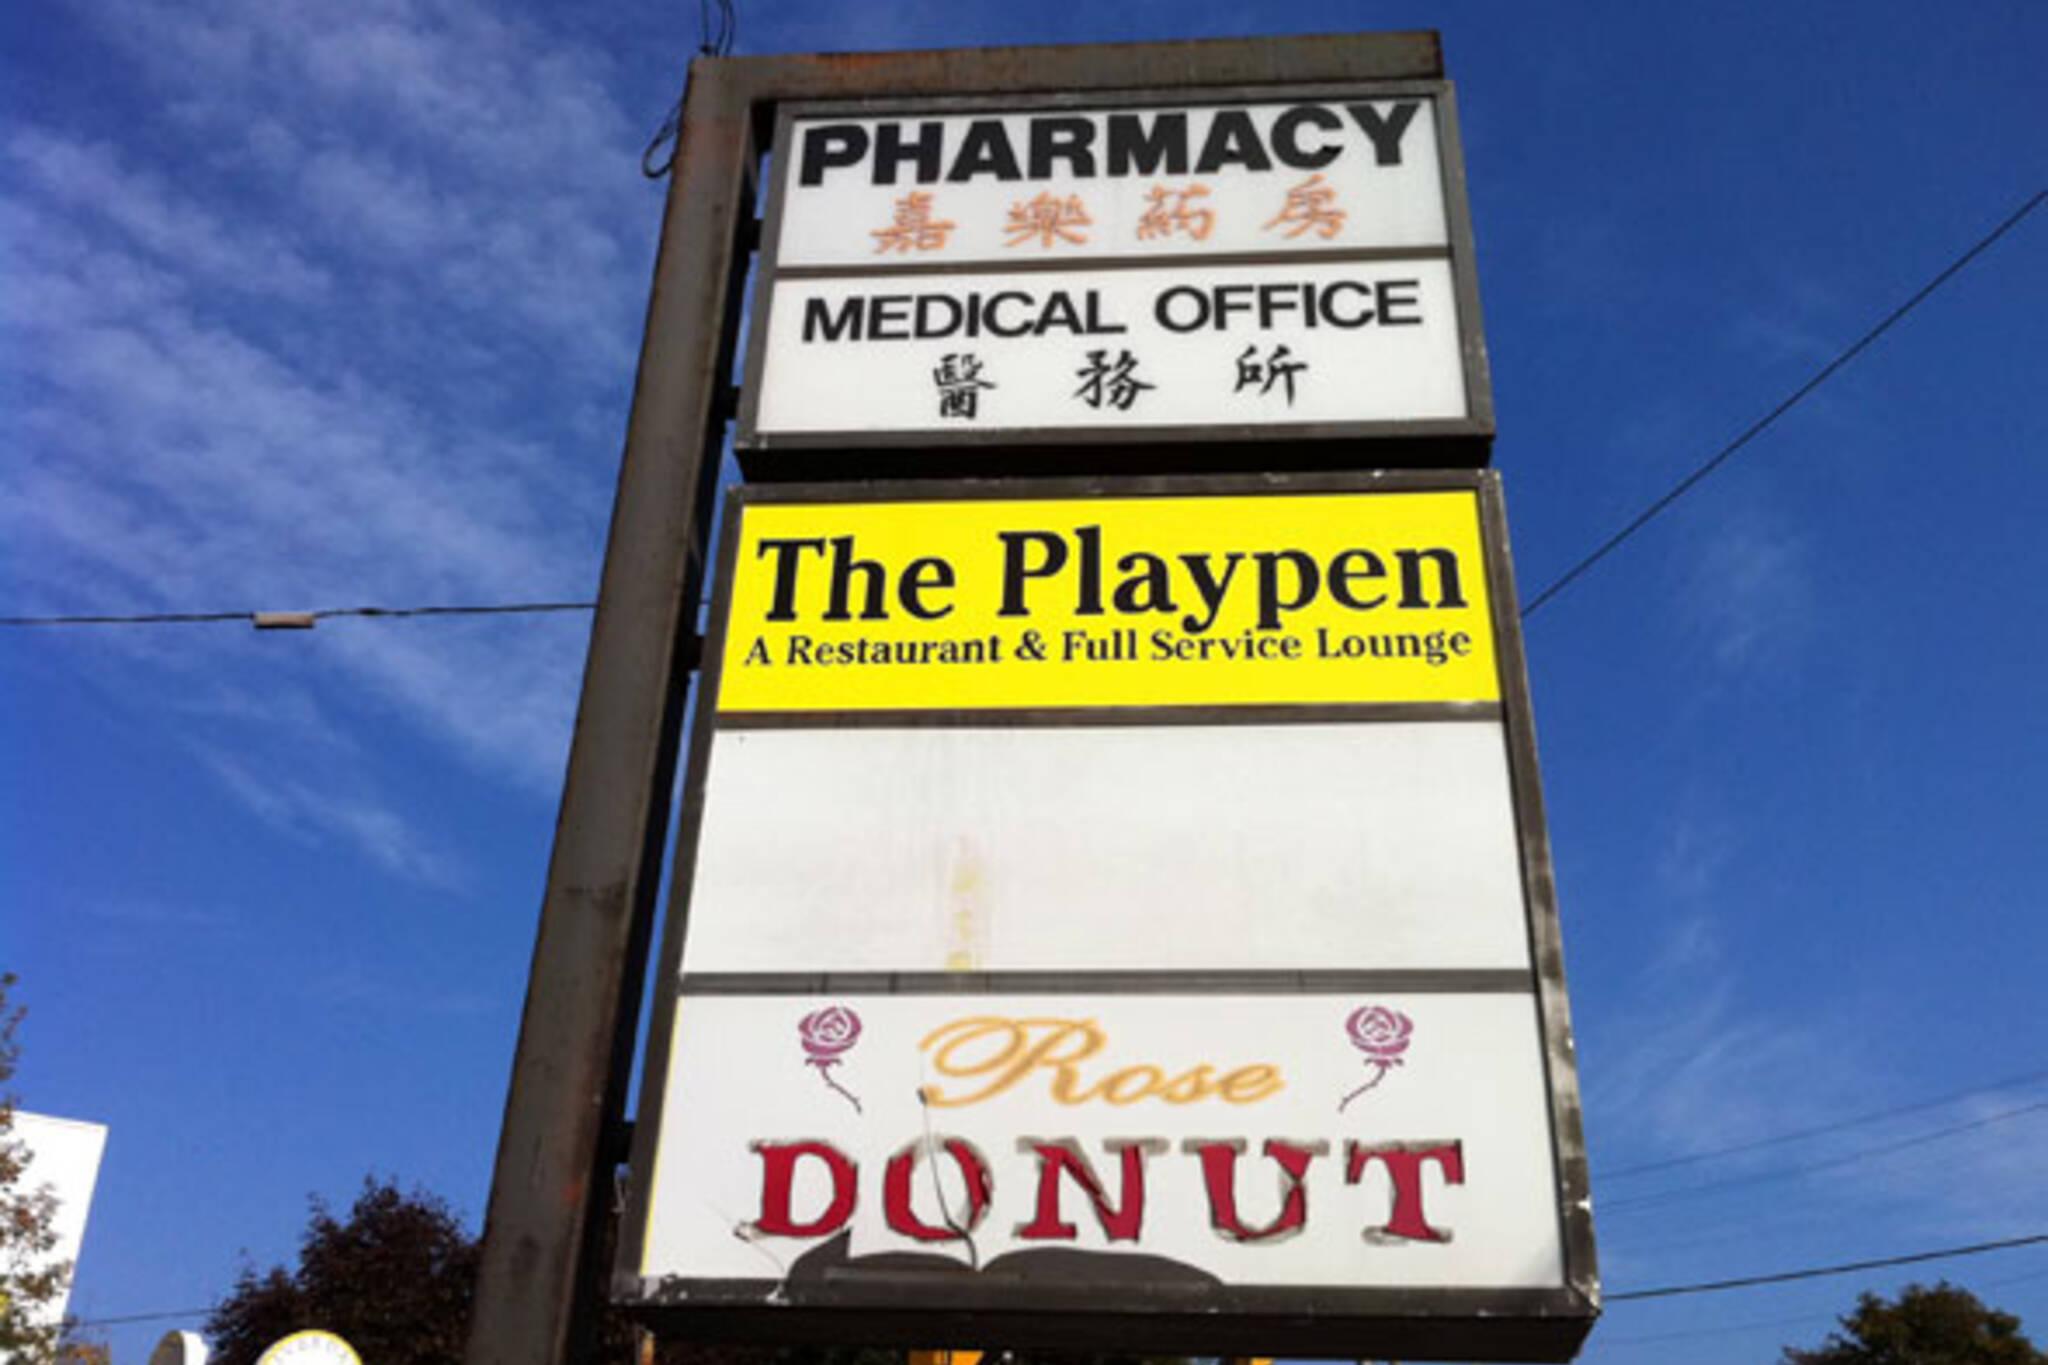 The Playpen Toronto